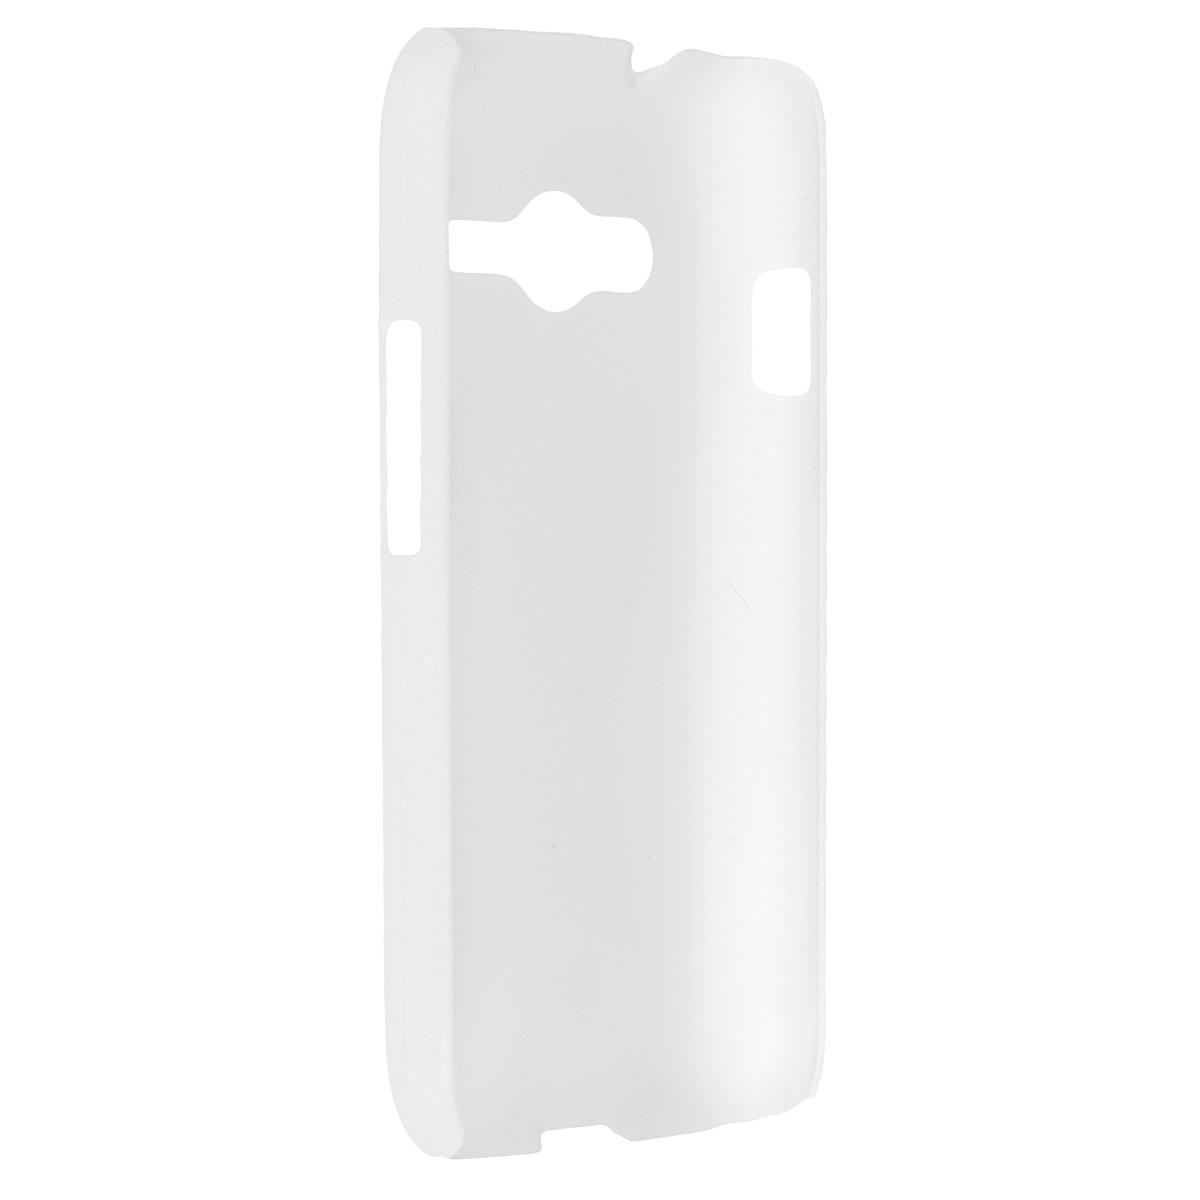 Skinbox Shield 4People чехол для Samsung SM-G313H Galaxy Ace 4 Lite, WhiteT-S-SSMG313H-002Чехол Skinbox Shield 4People для Samsung Galaxy Ace 4 Lite предназначен для защиты корпуса смартфона от механических повреждений и царапин в процессе эксплуатации. Имеется свободный доступ ко всем разъемам и кнопкам устройства. В комплект также входит защитная пленка на экран телефона.